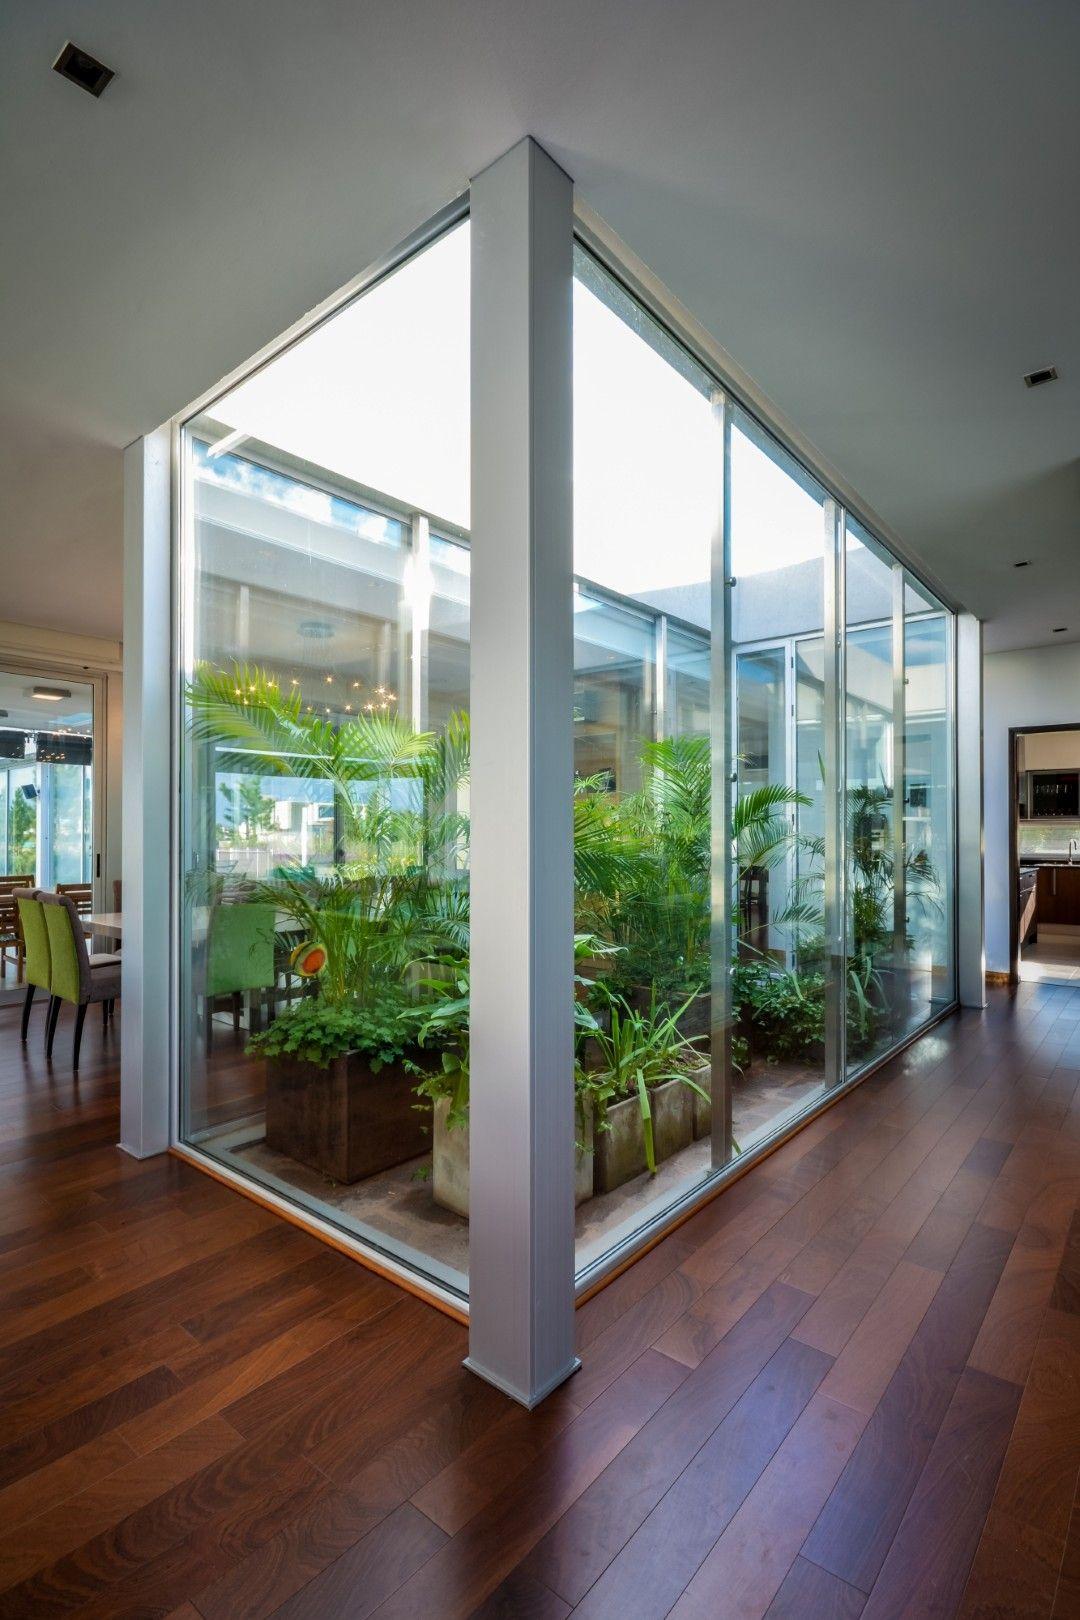 El jard n como estructurador de la vivienda contempor nea for Casa moderna jardines